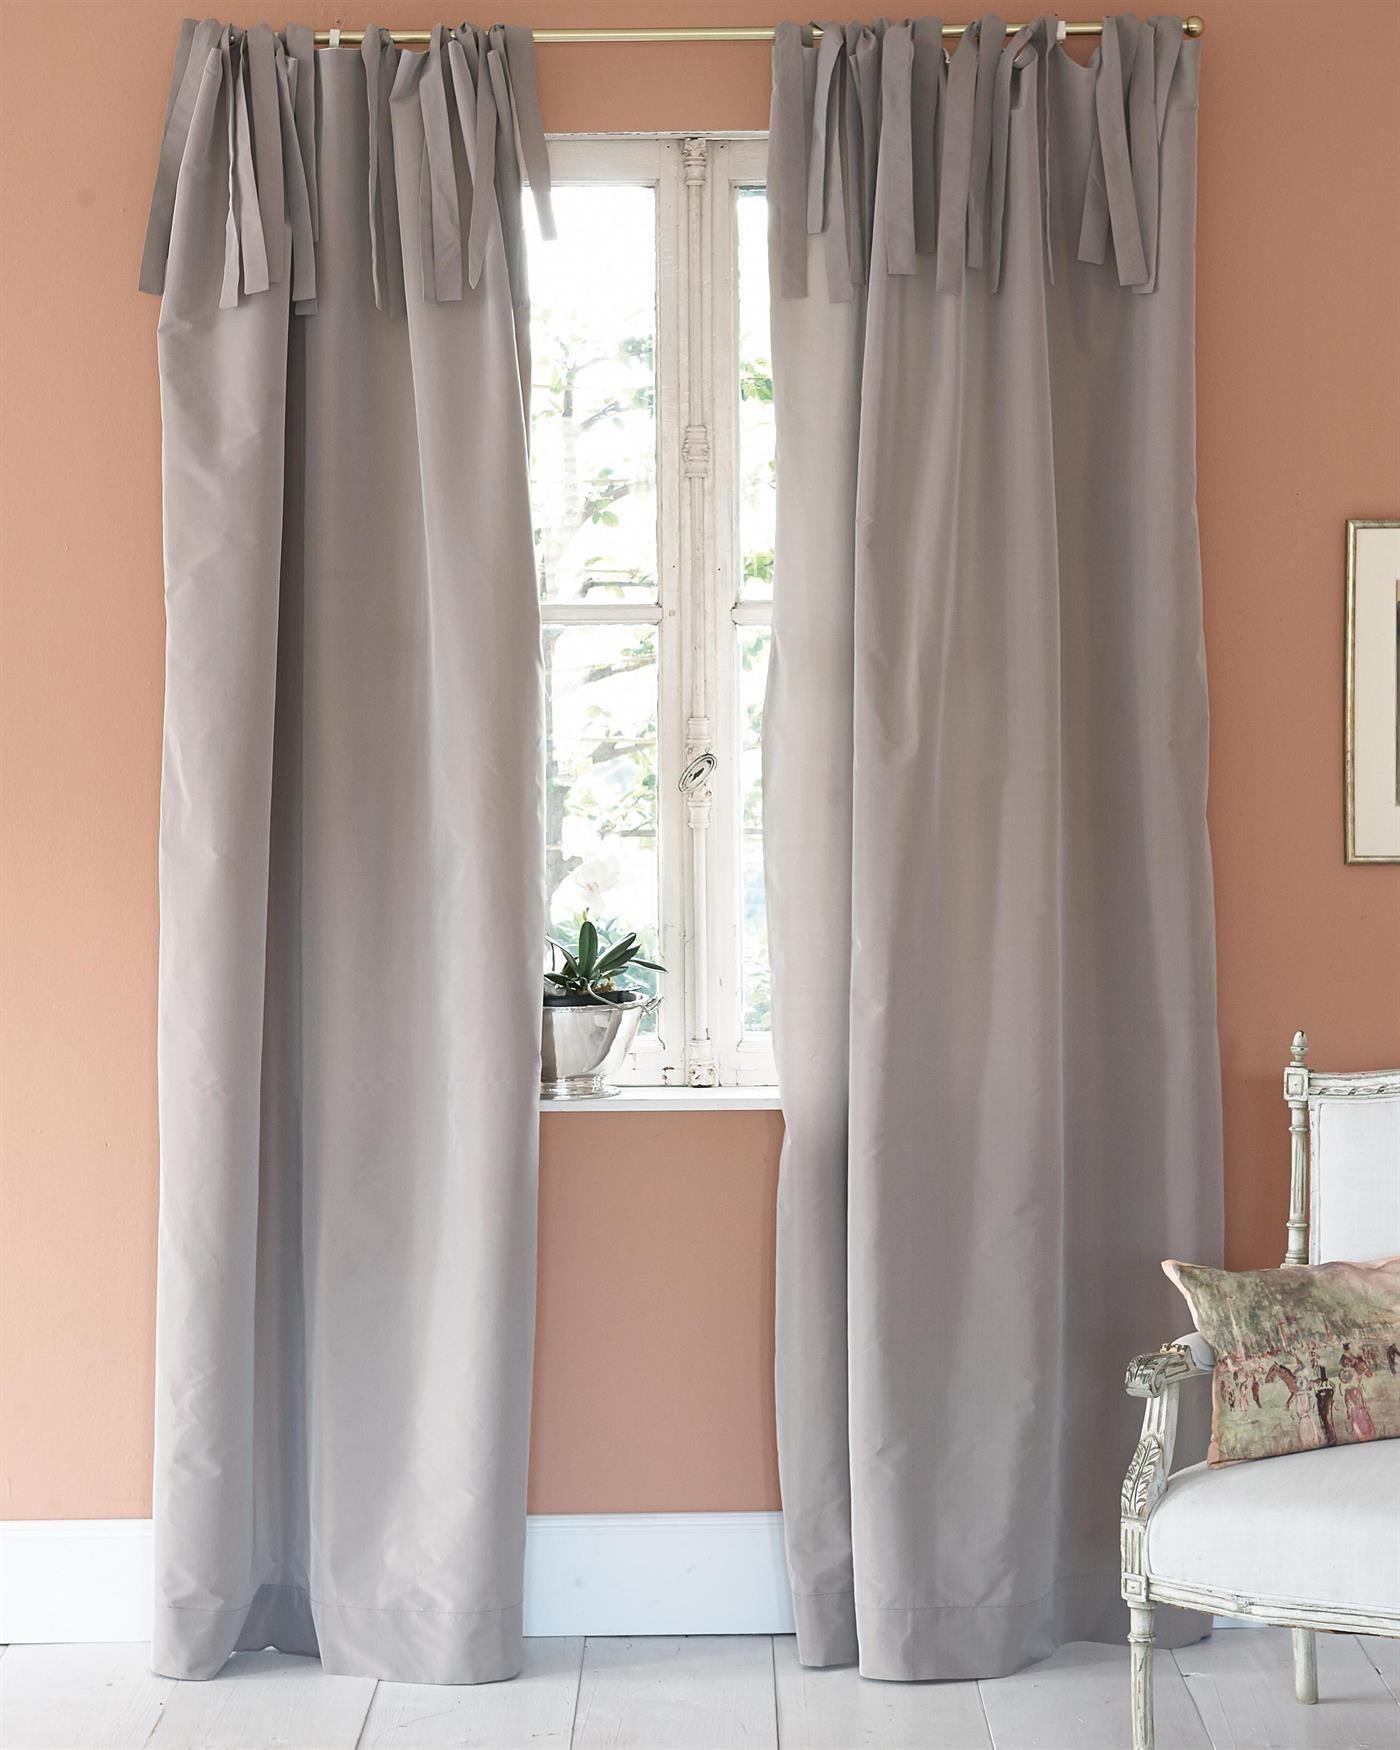 Vossberg Gardinen vorhang mauve faux silk finden sie auf vossberg de neue